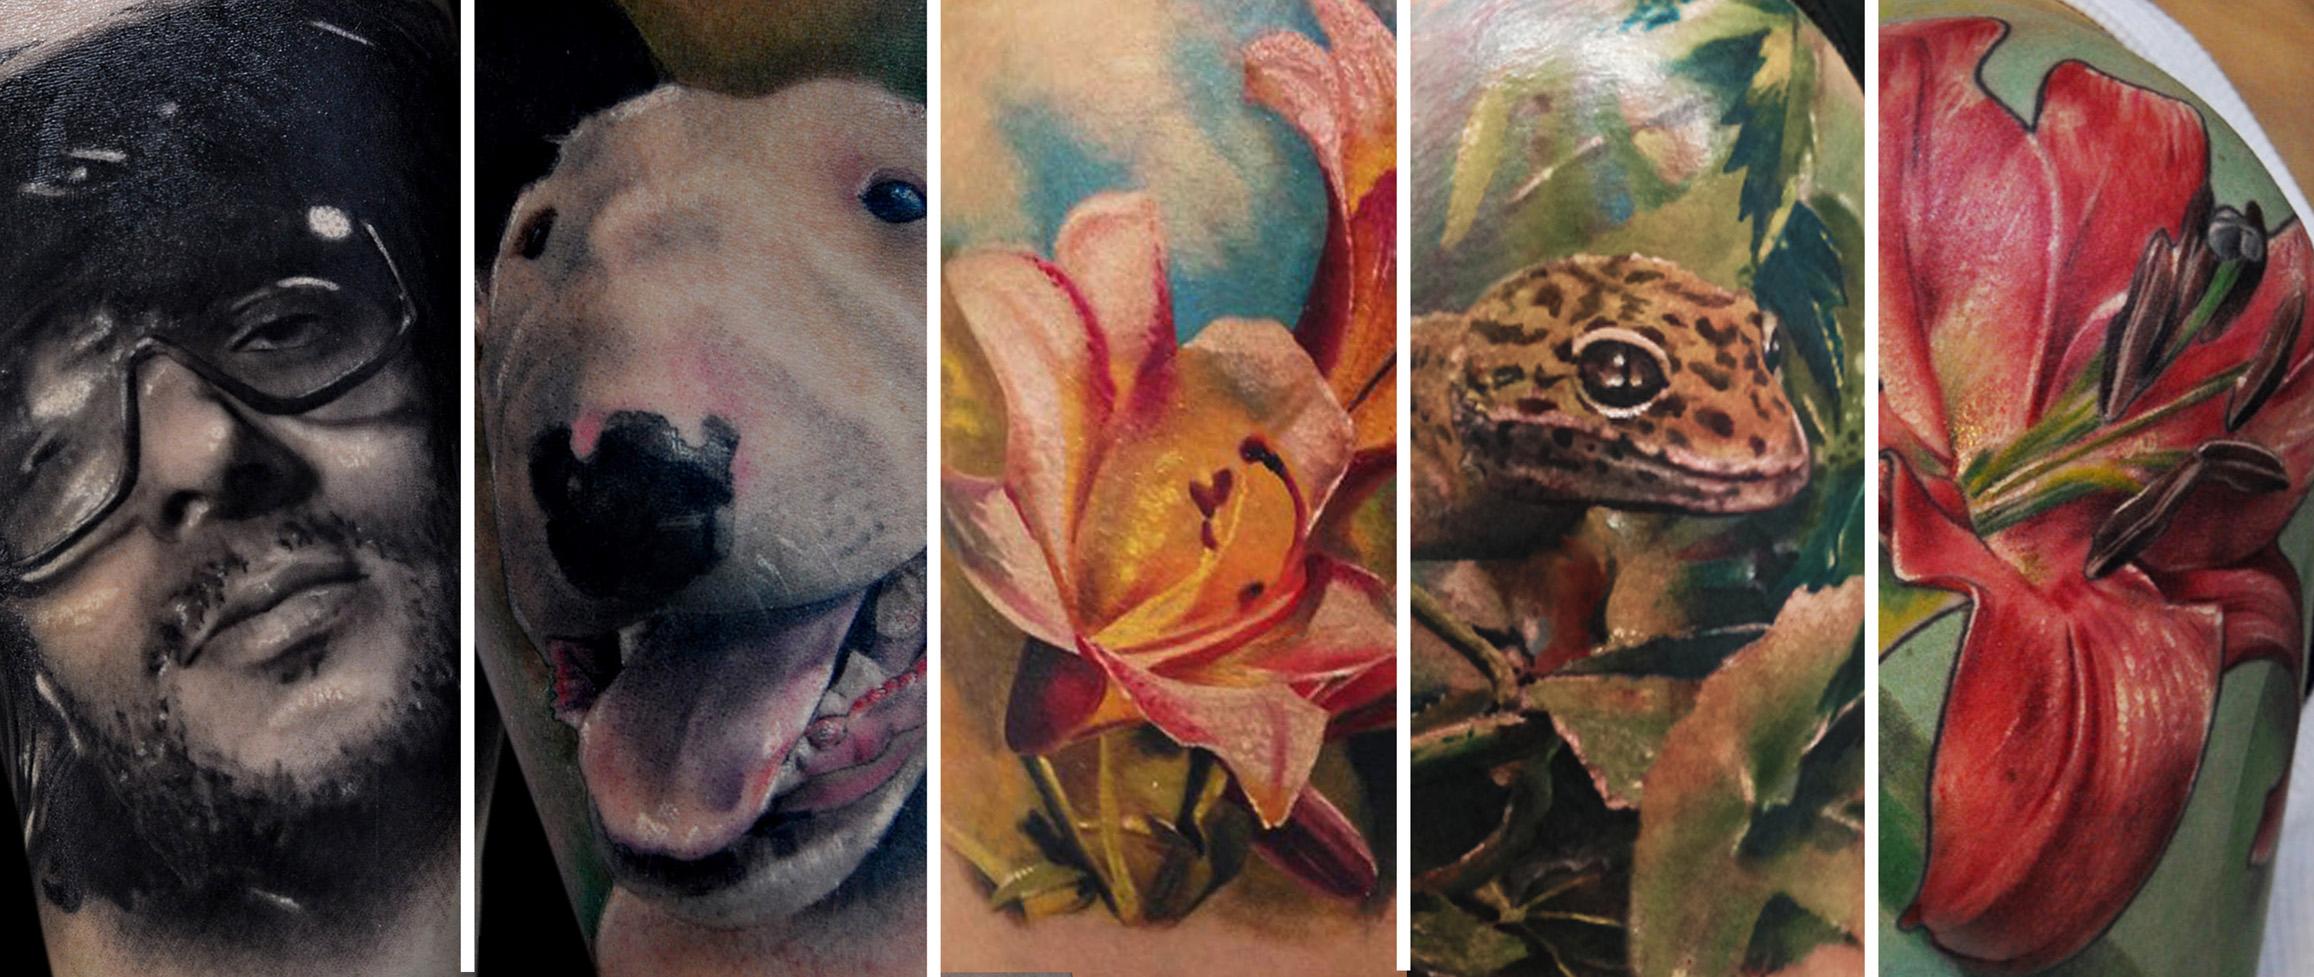 Porady na temat tatuażu i piercingu